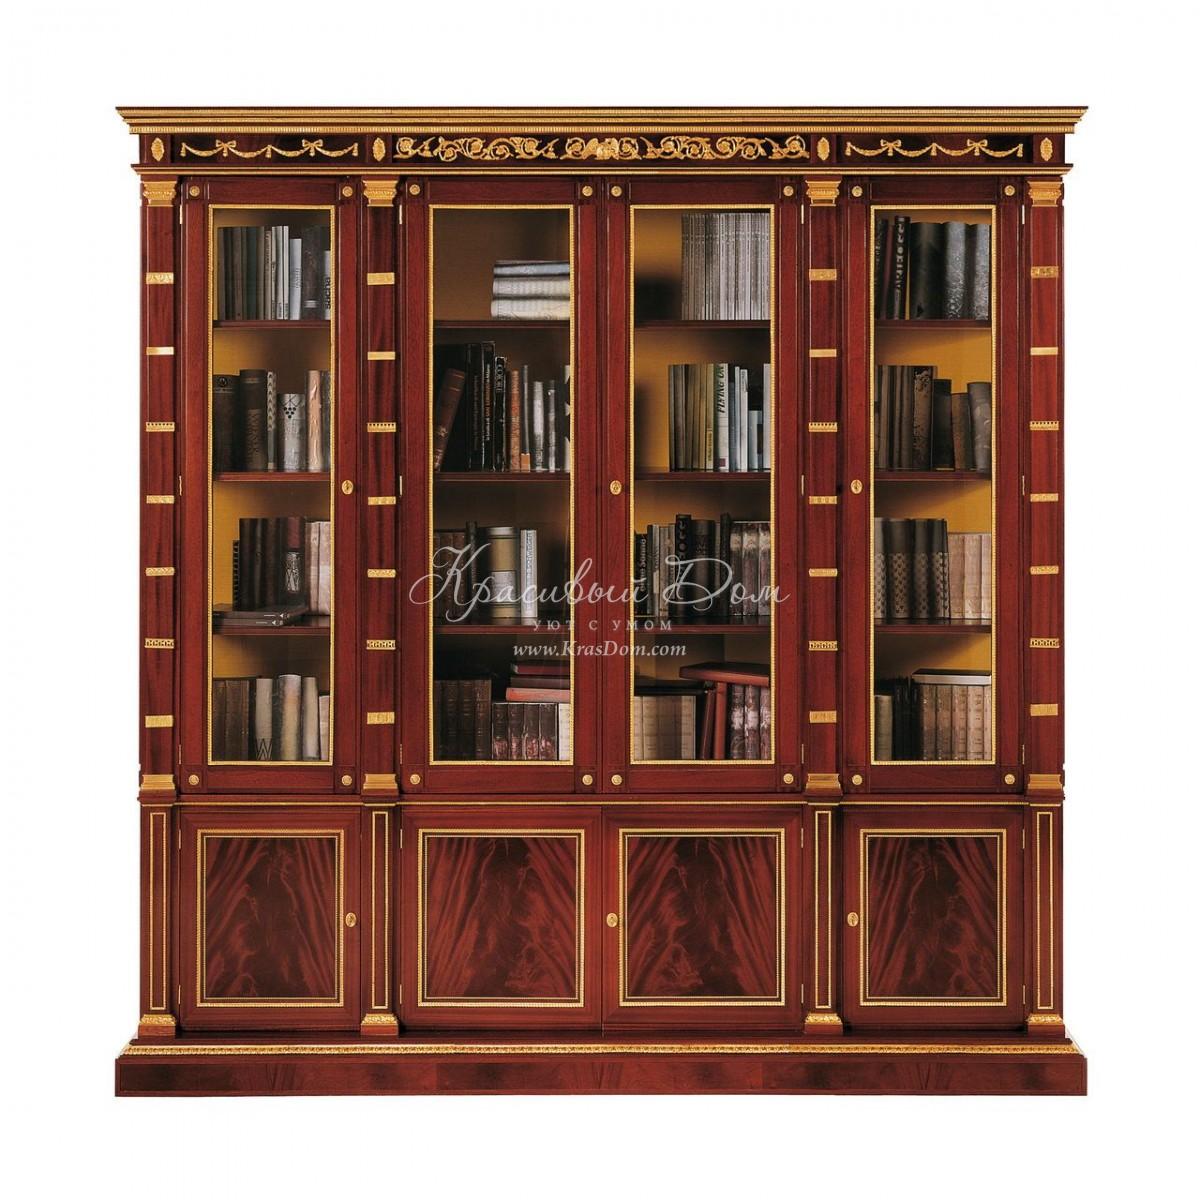 Шкаф книжный - mcst/0305. большой книжный шкаф с фризами и п.